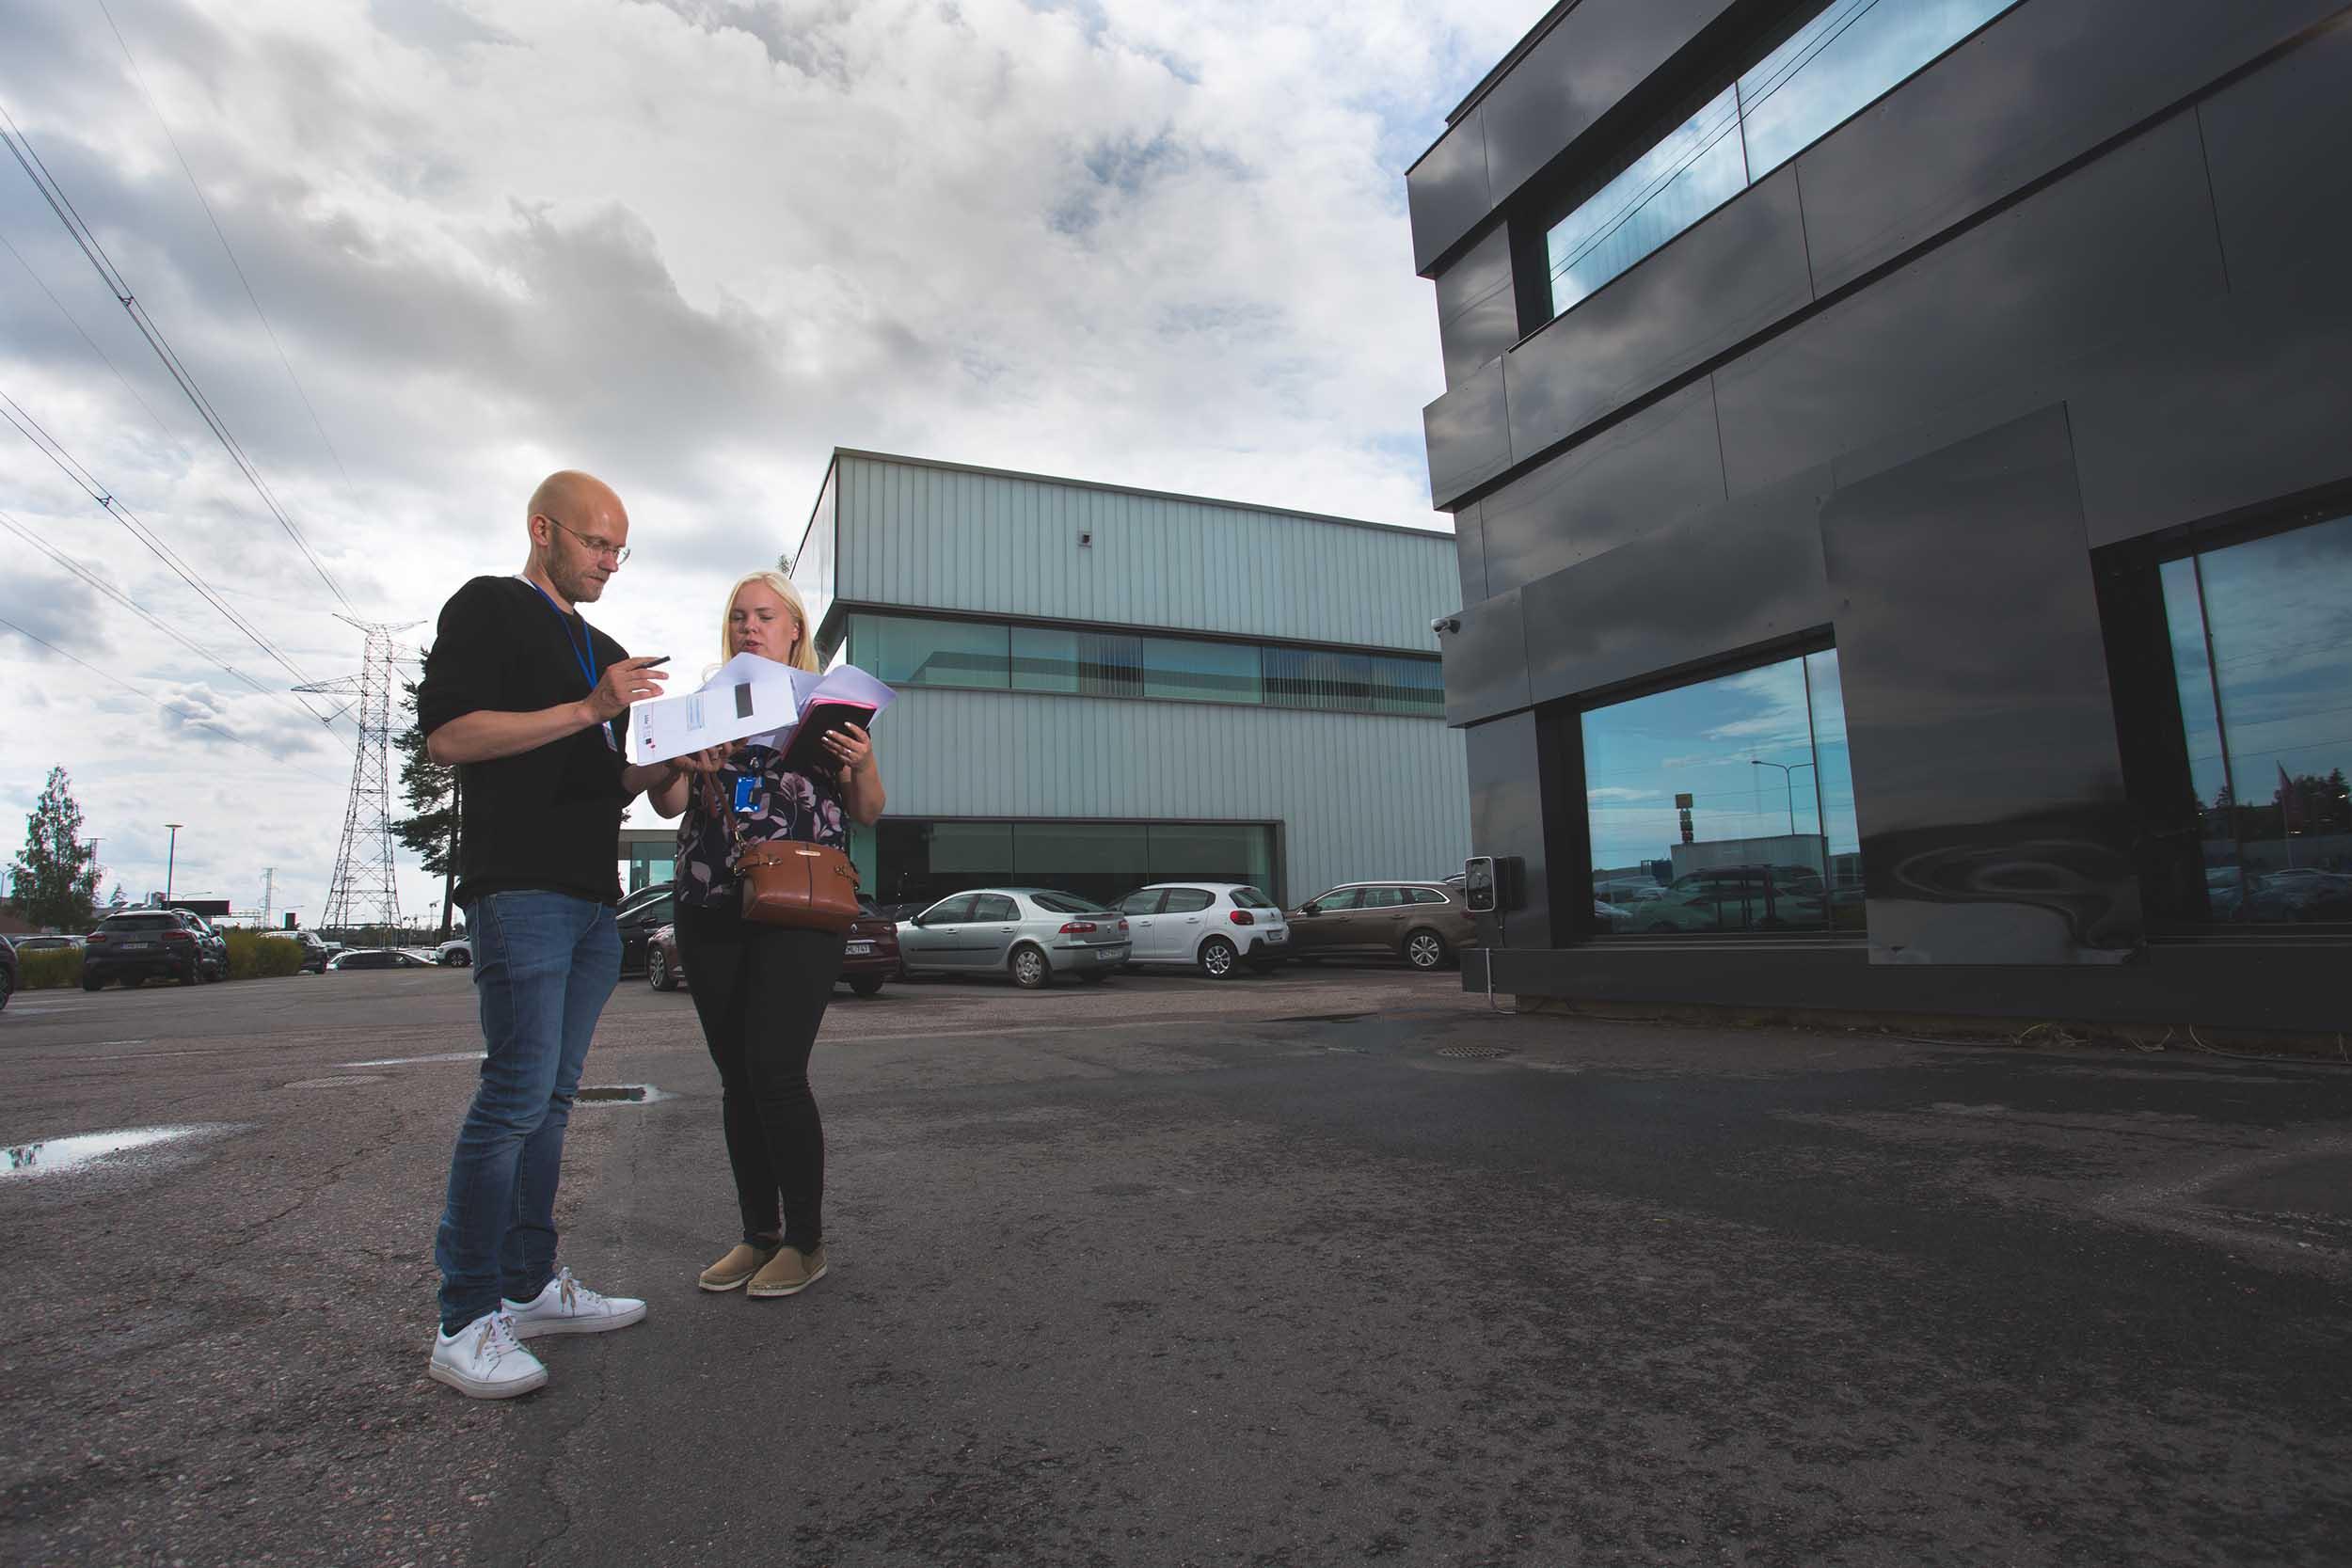 Mies ja nainen tarkastelevat papereita, seisovat teollisuusalueen pihassa, taustalla rakennuksia. Pilvinen päivä.